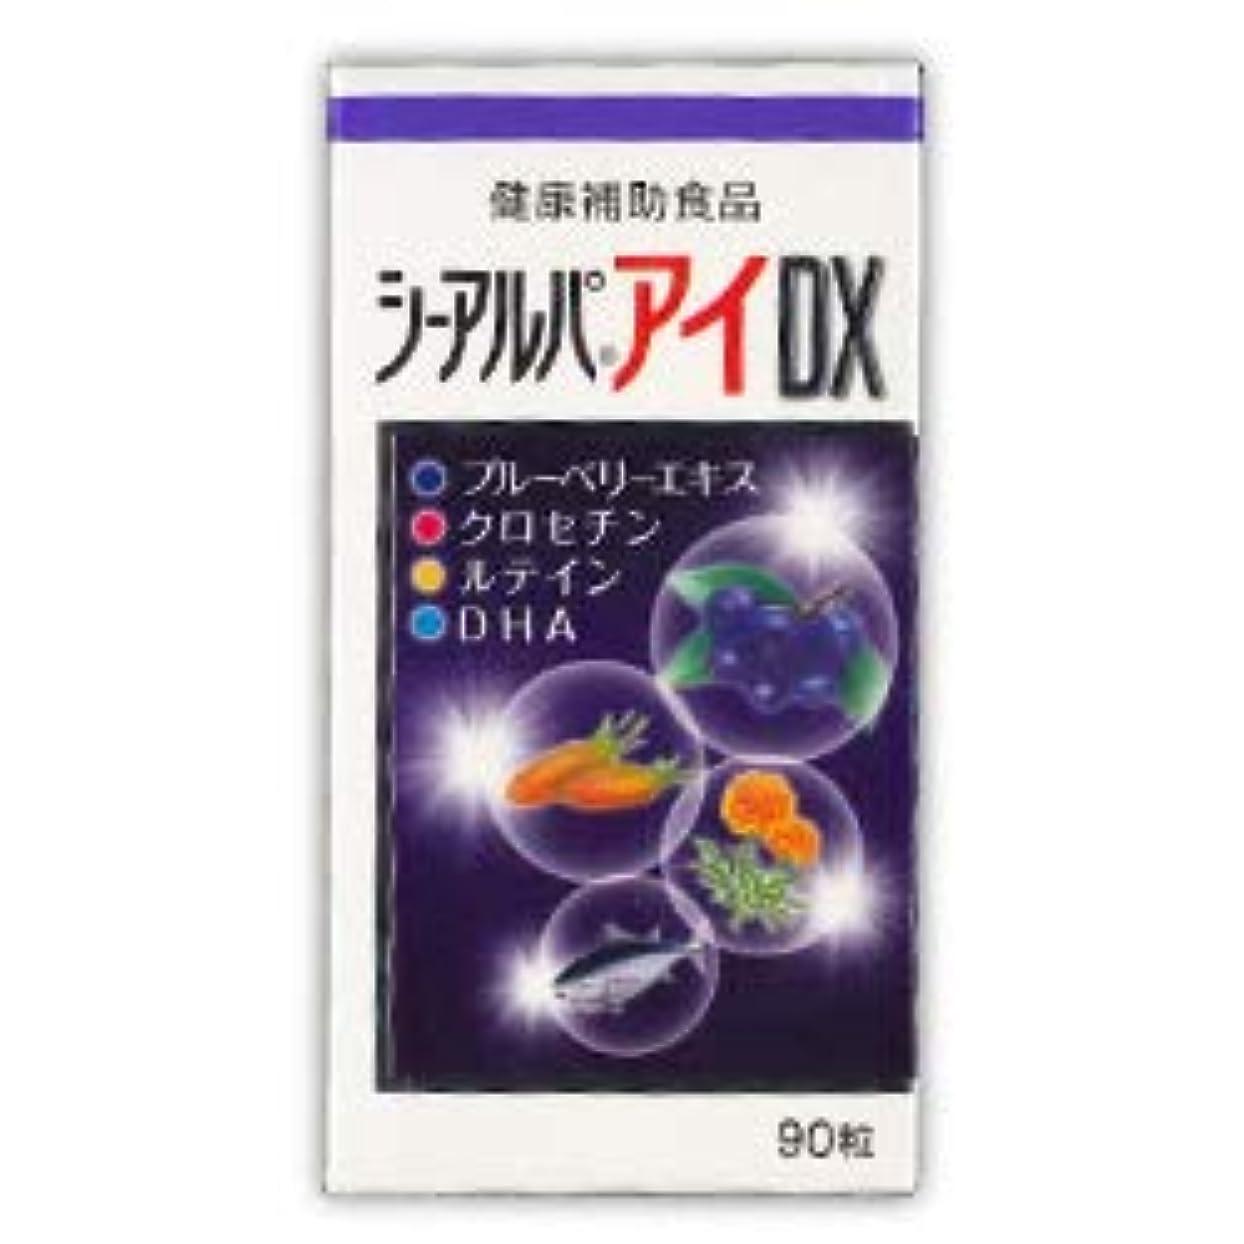 輪郭法律により熟読【日水製薬】シーアルパアイDX 90粒